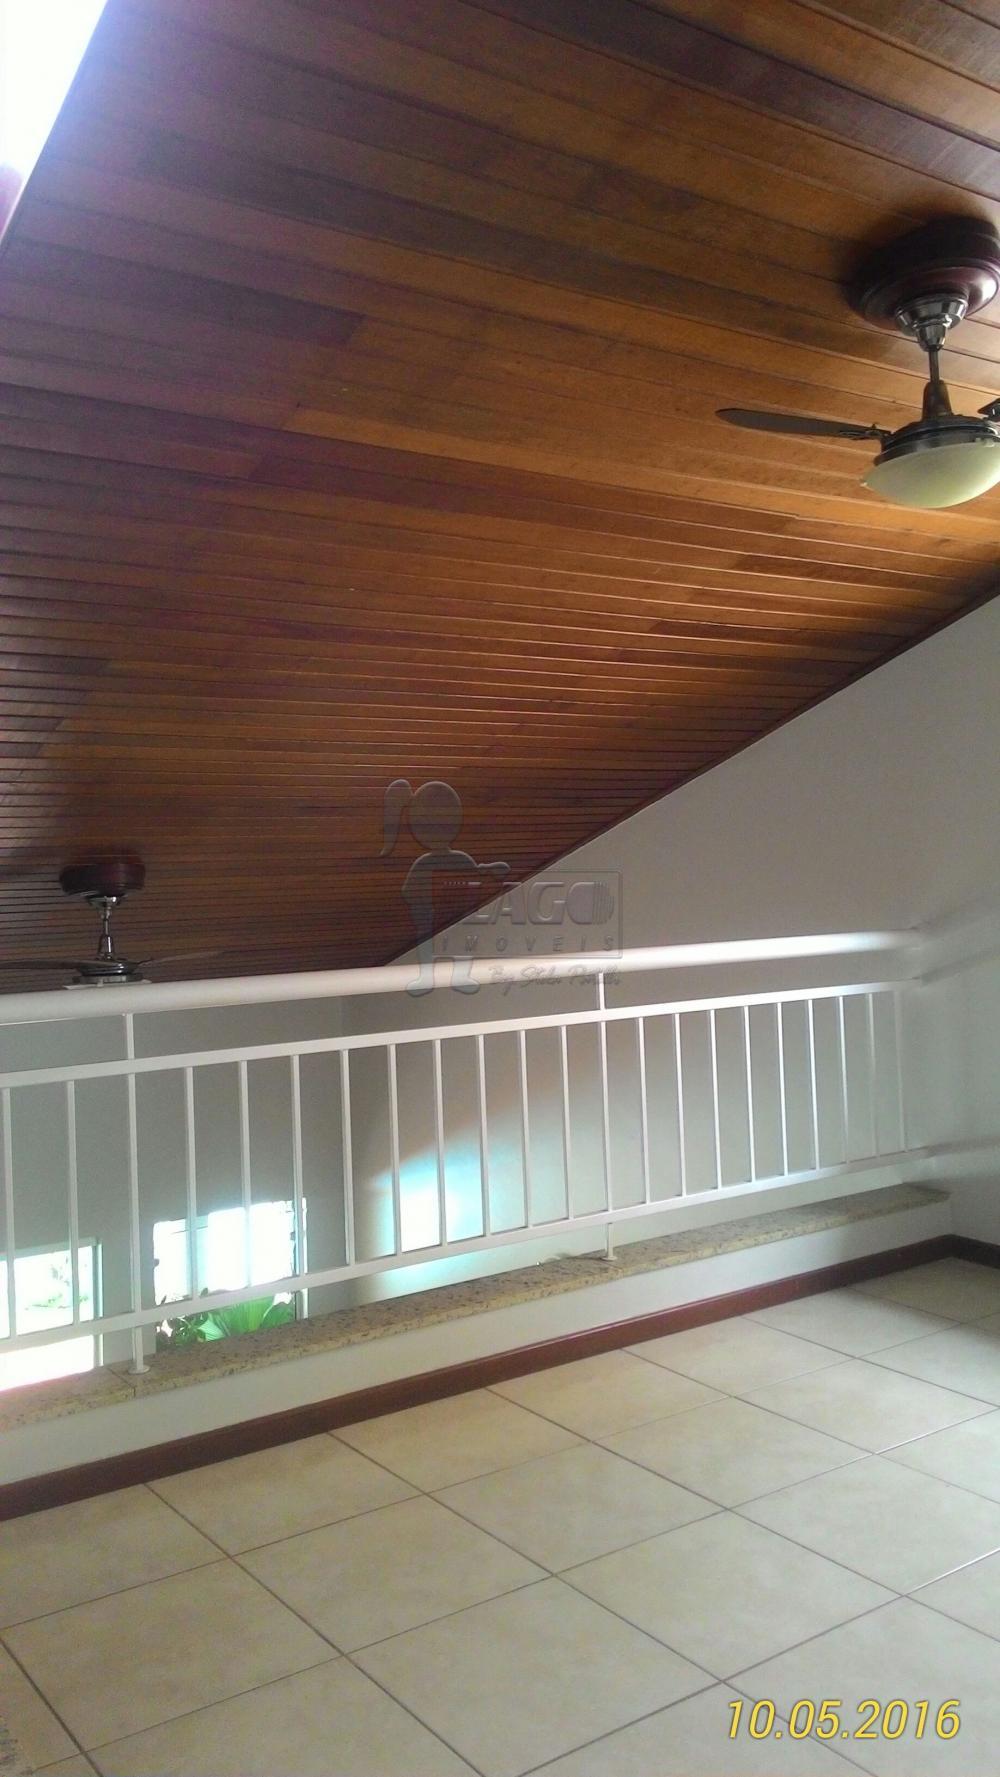 Alugar Casas / Condomínio em Bonfim Paulista apenas R$ 3.800,00 - Foto 18